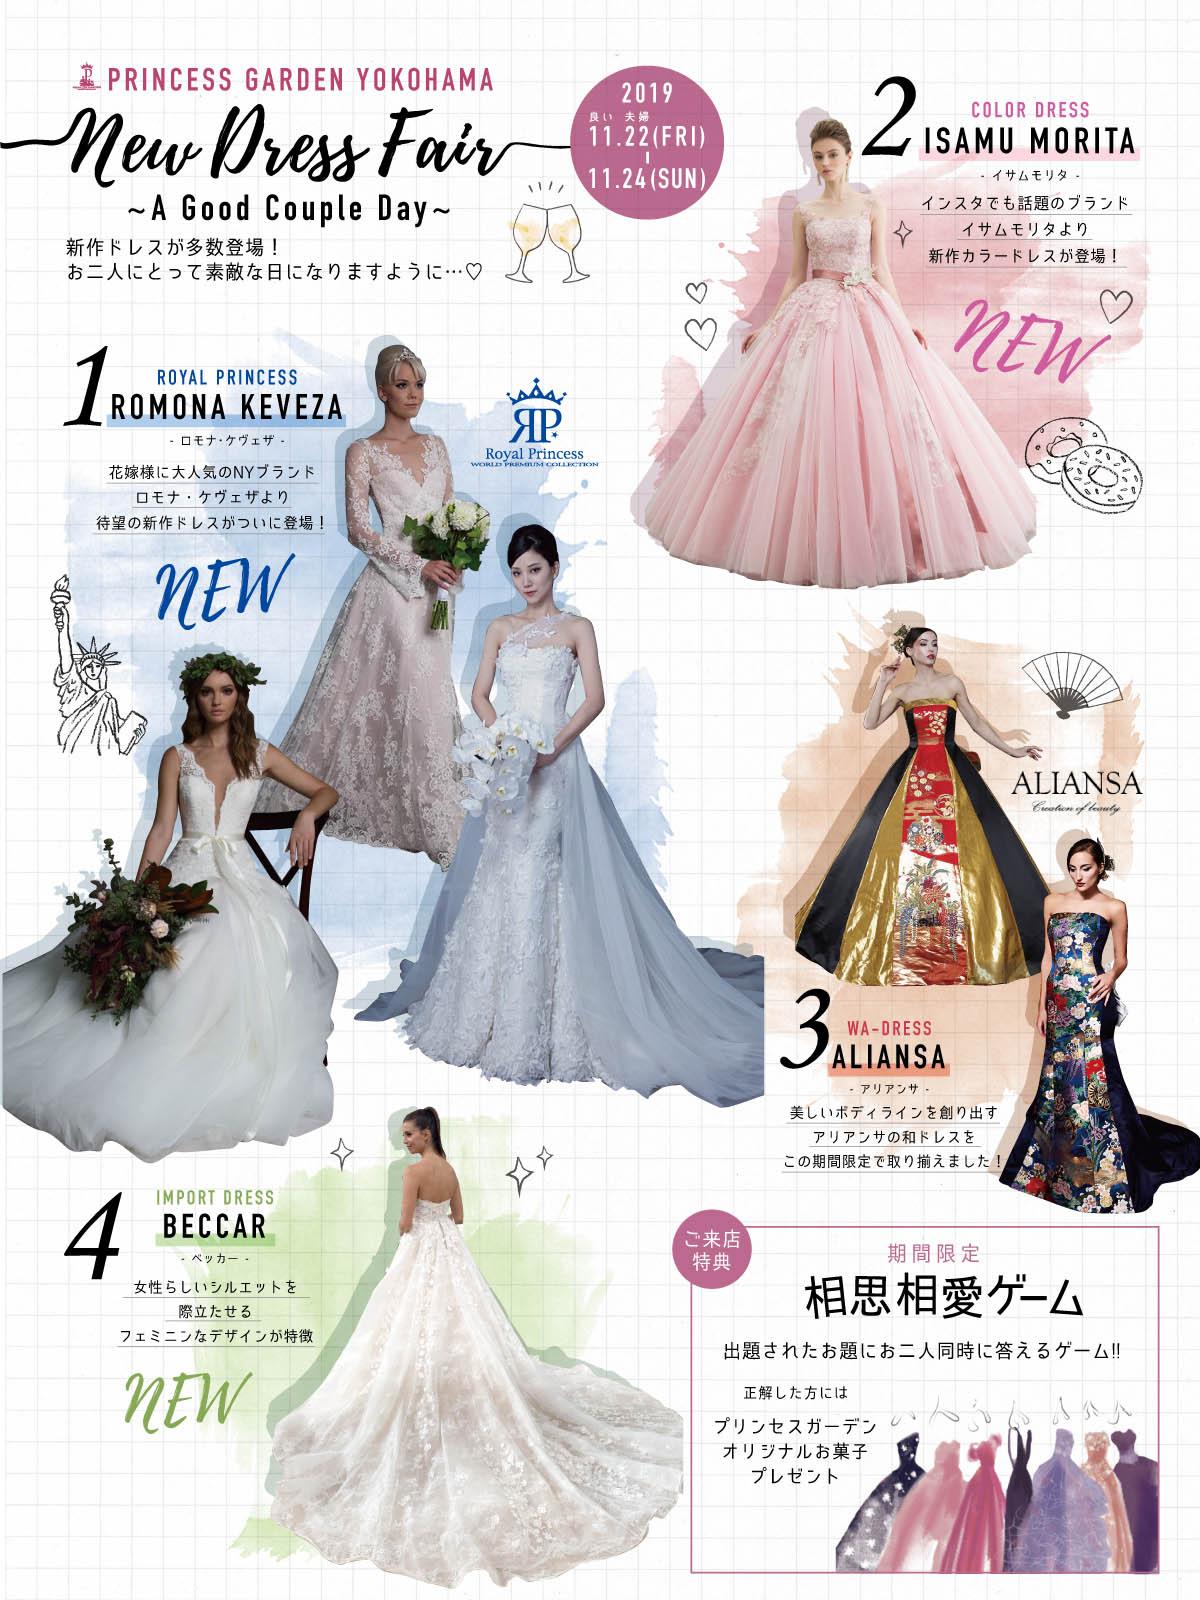 New Dress Fair ~A Good Couple Day~